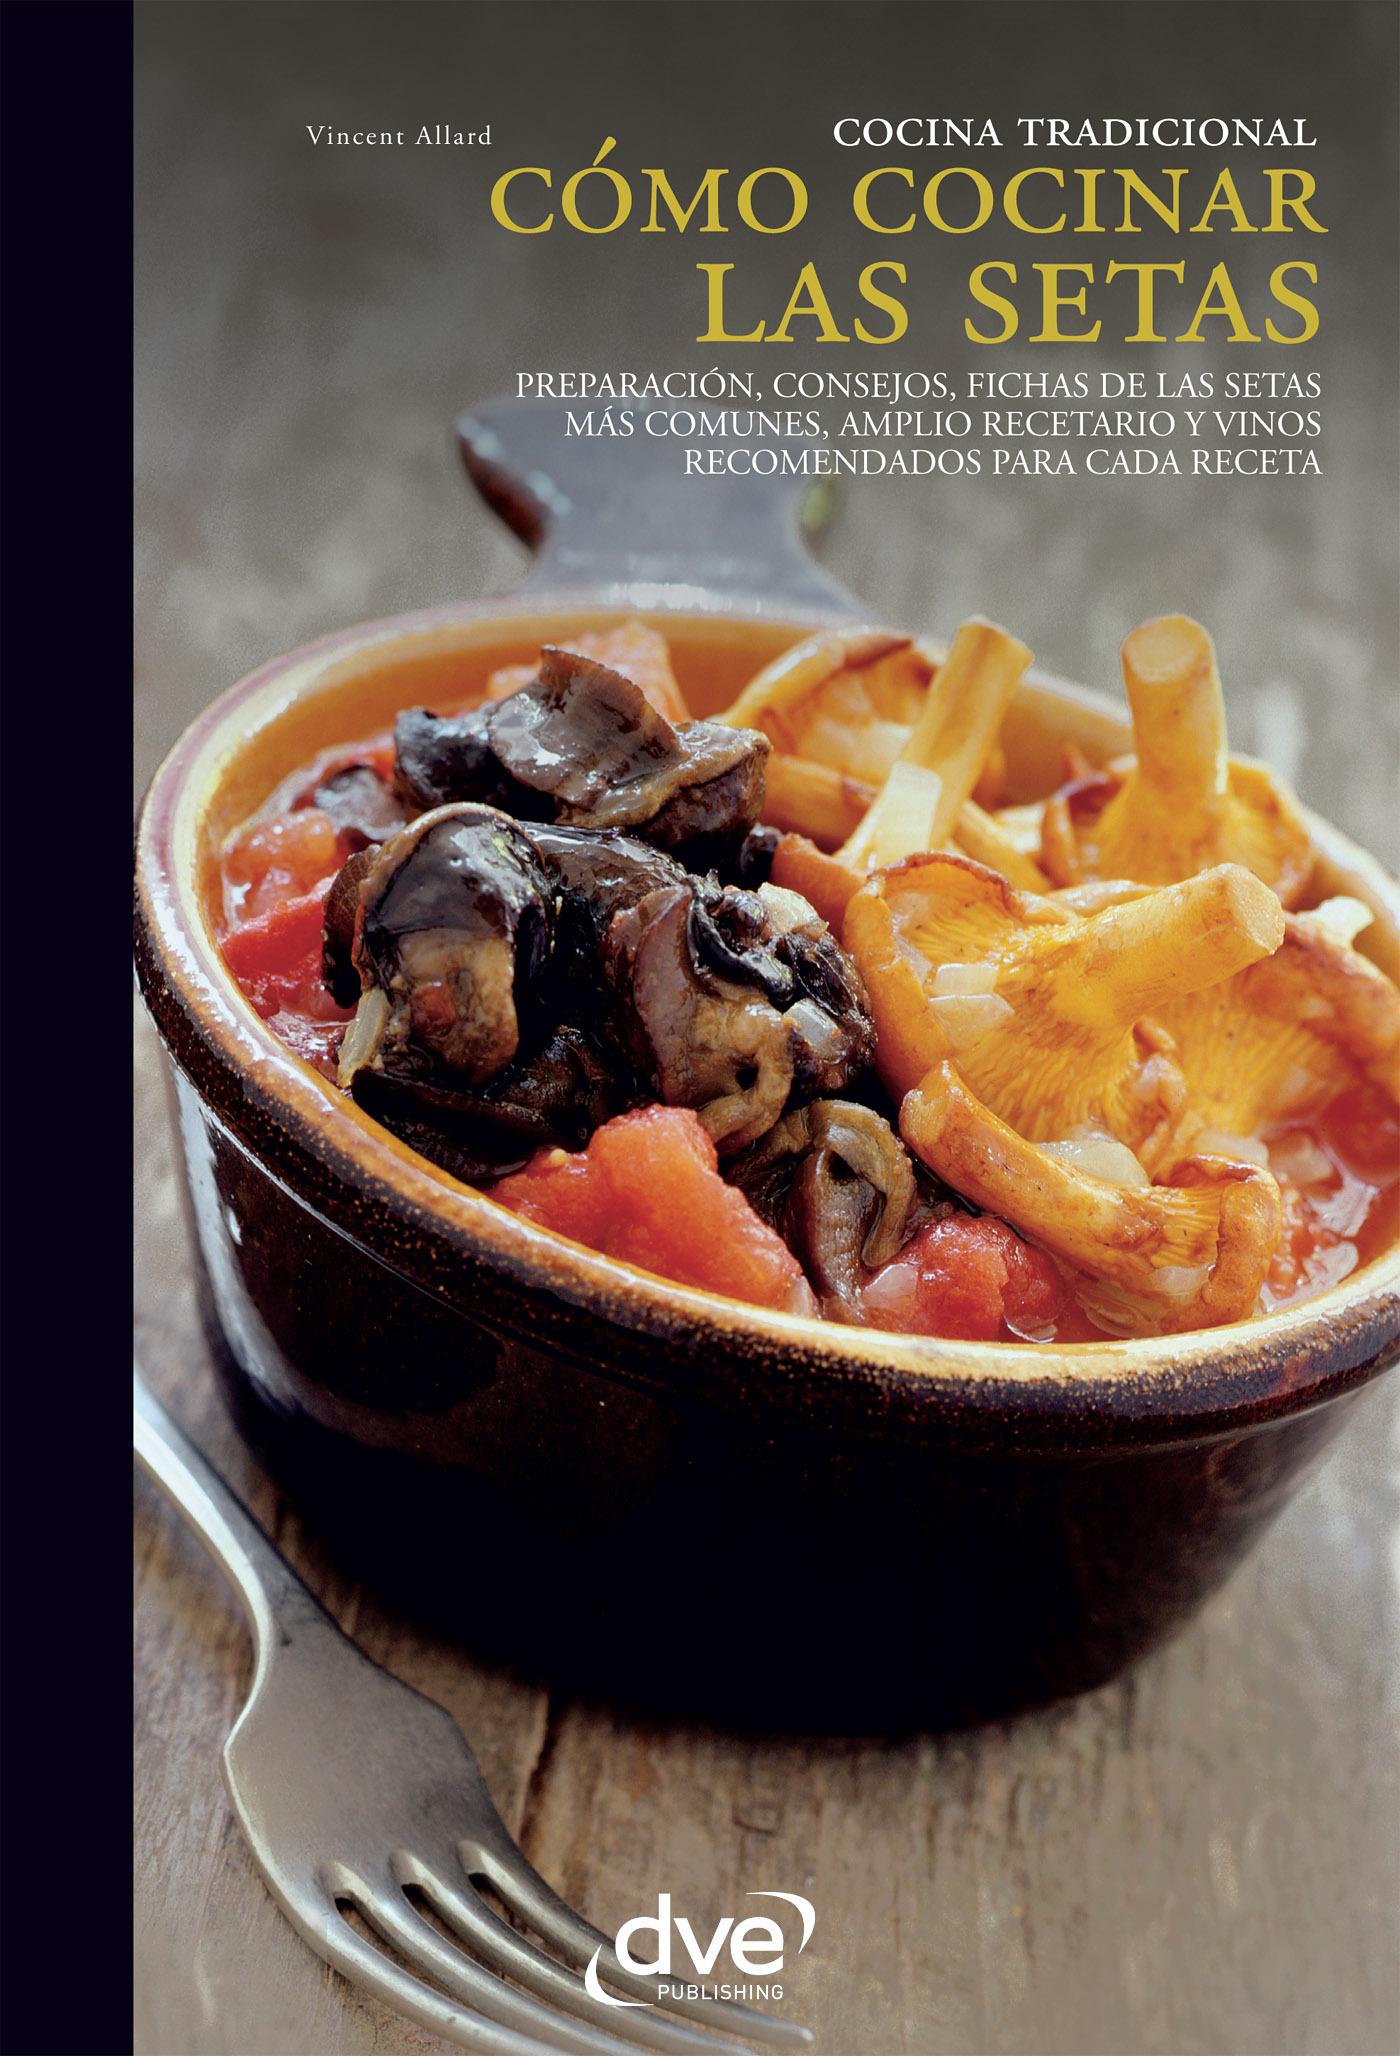 Allard, Vincent - Cómo cocinar las setas, ebook